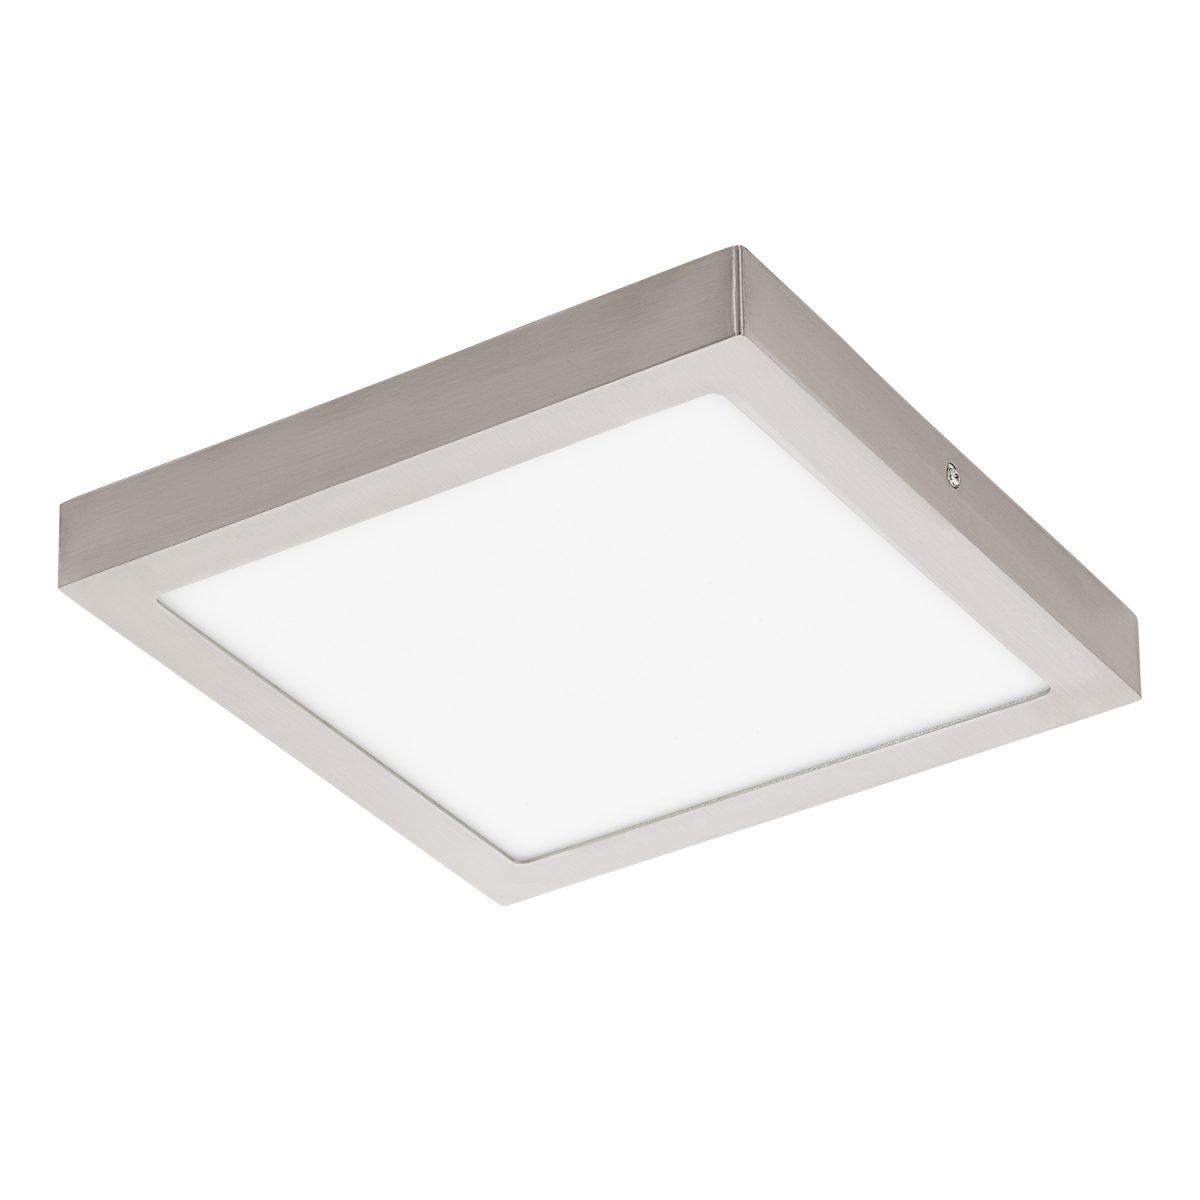 Светильник настенно-потолочный FUEVA 1 EGLO 32446 - Фото №28